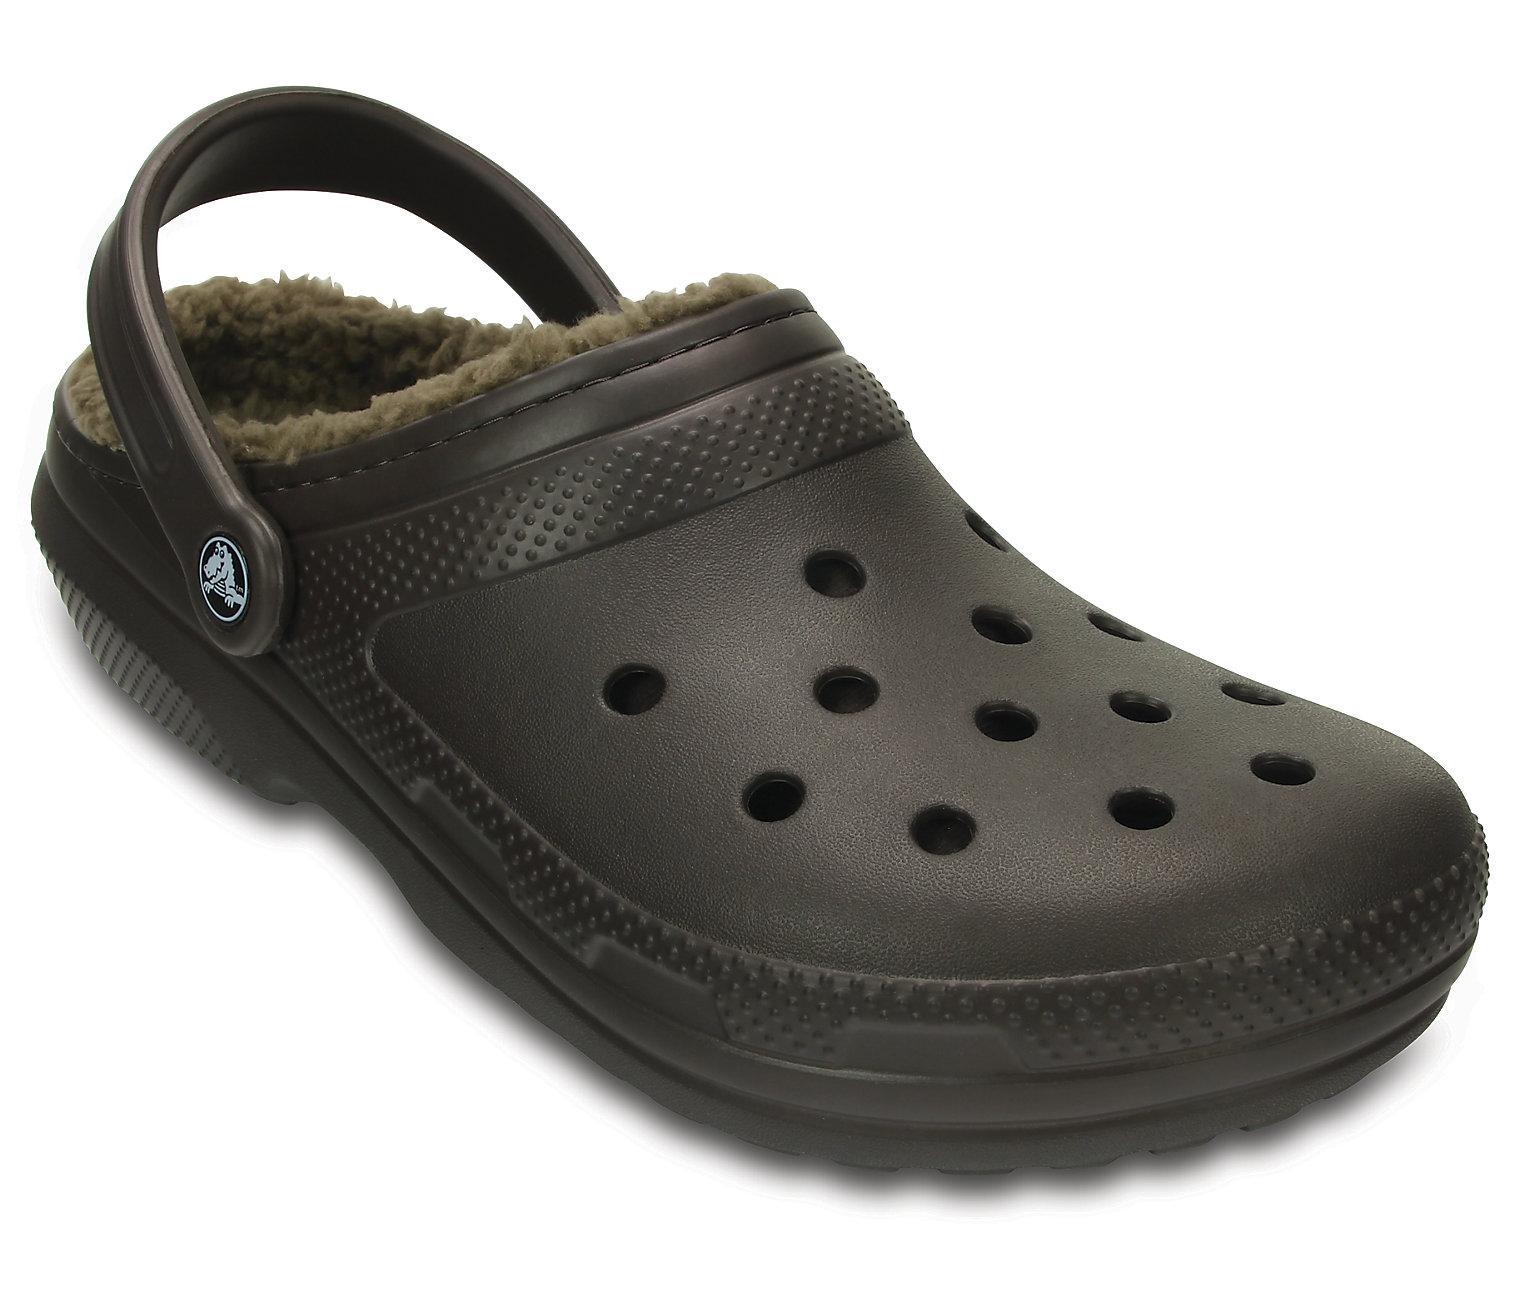 Crocs - Women's Classic Lined Clog Mule